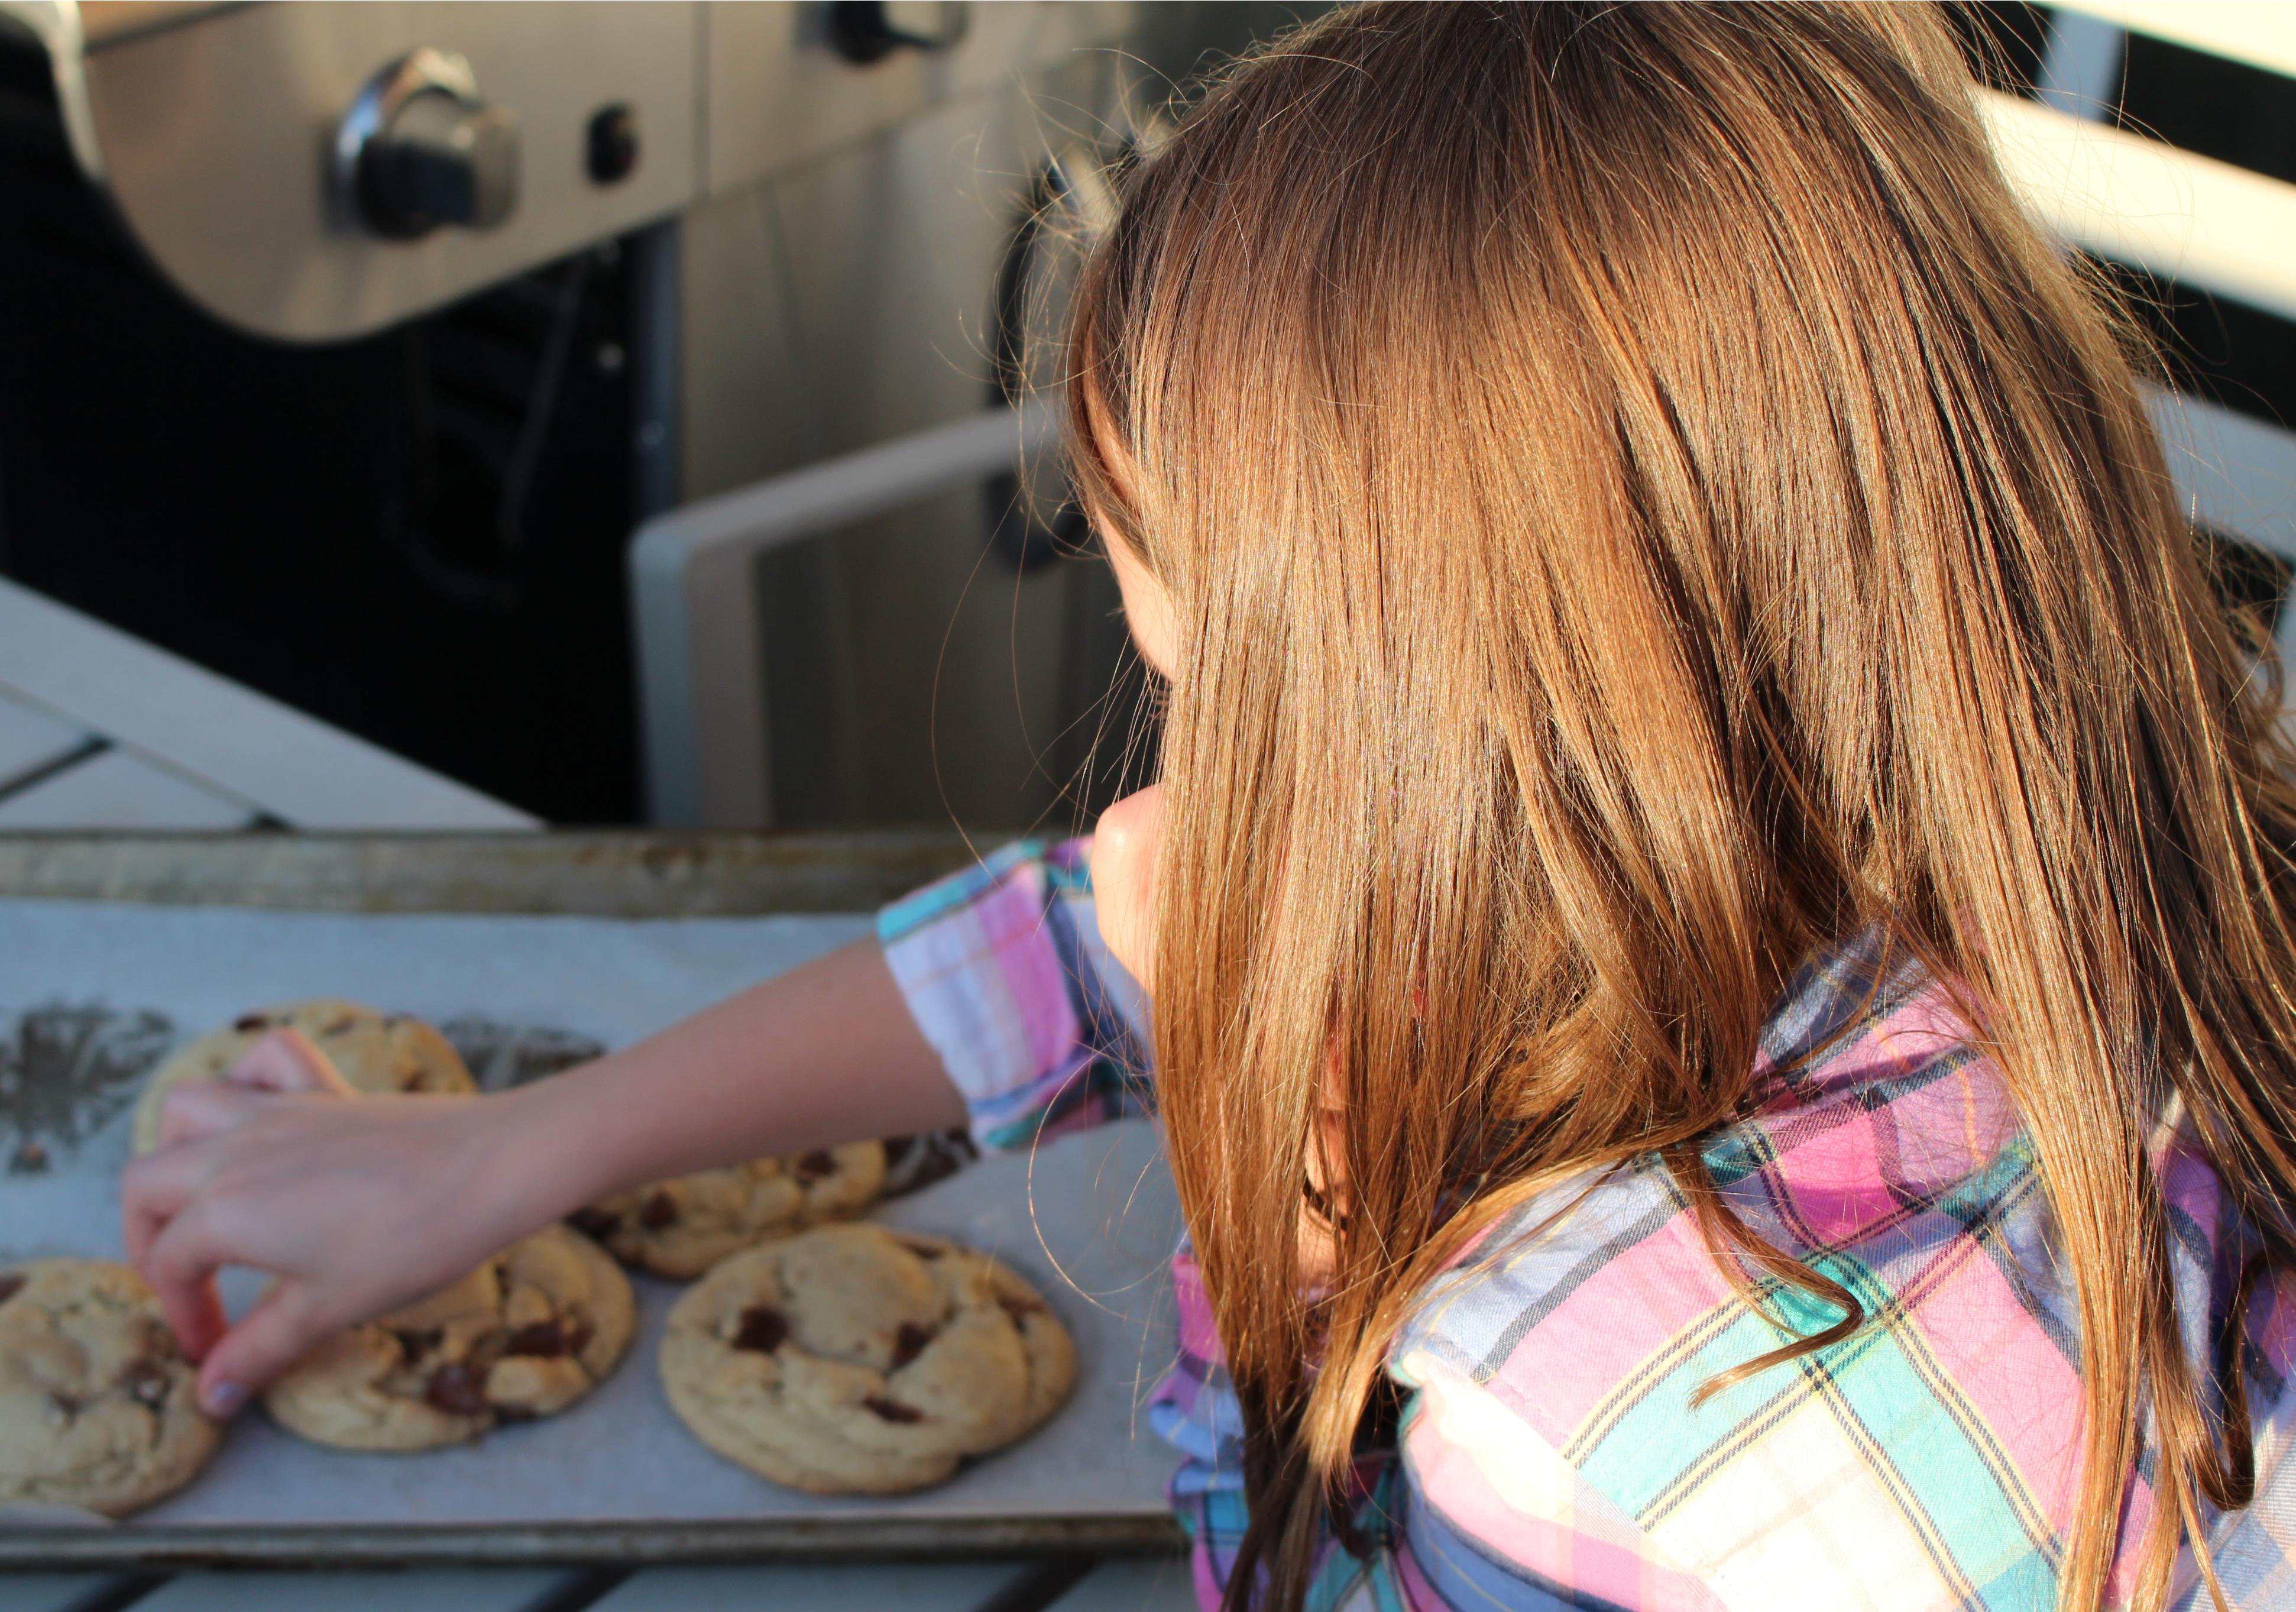 girl helps make cookies